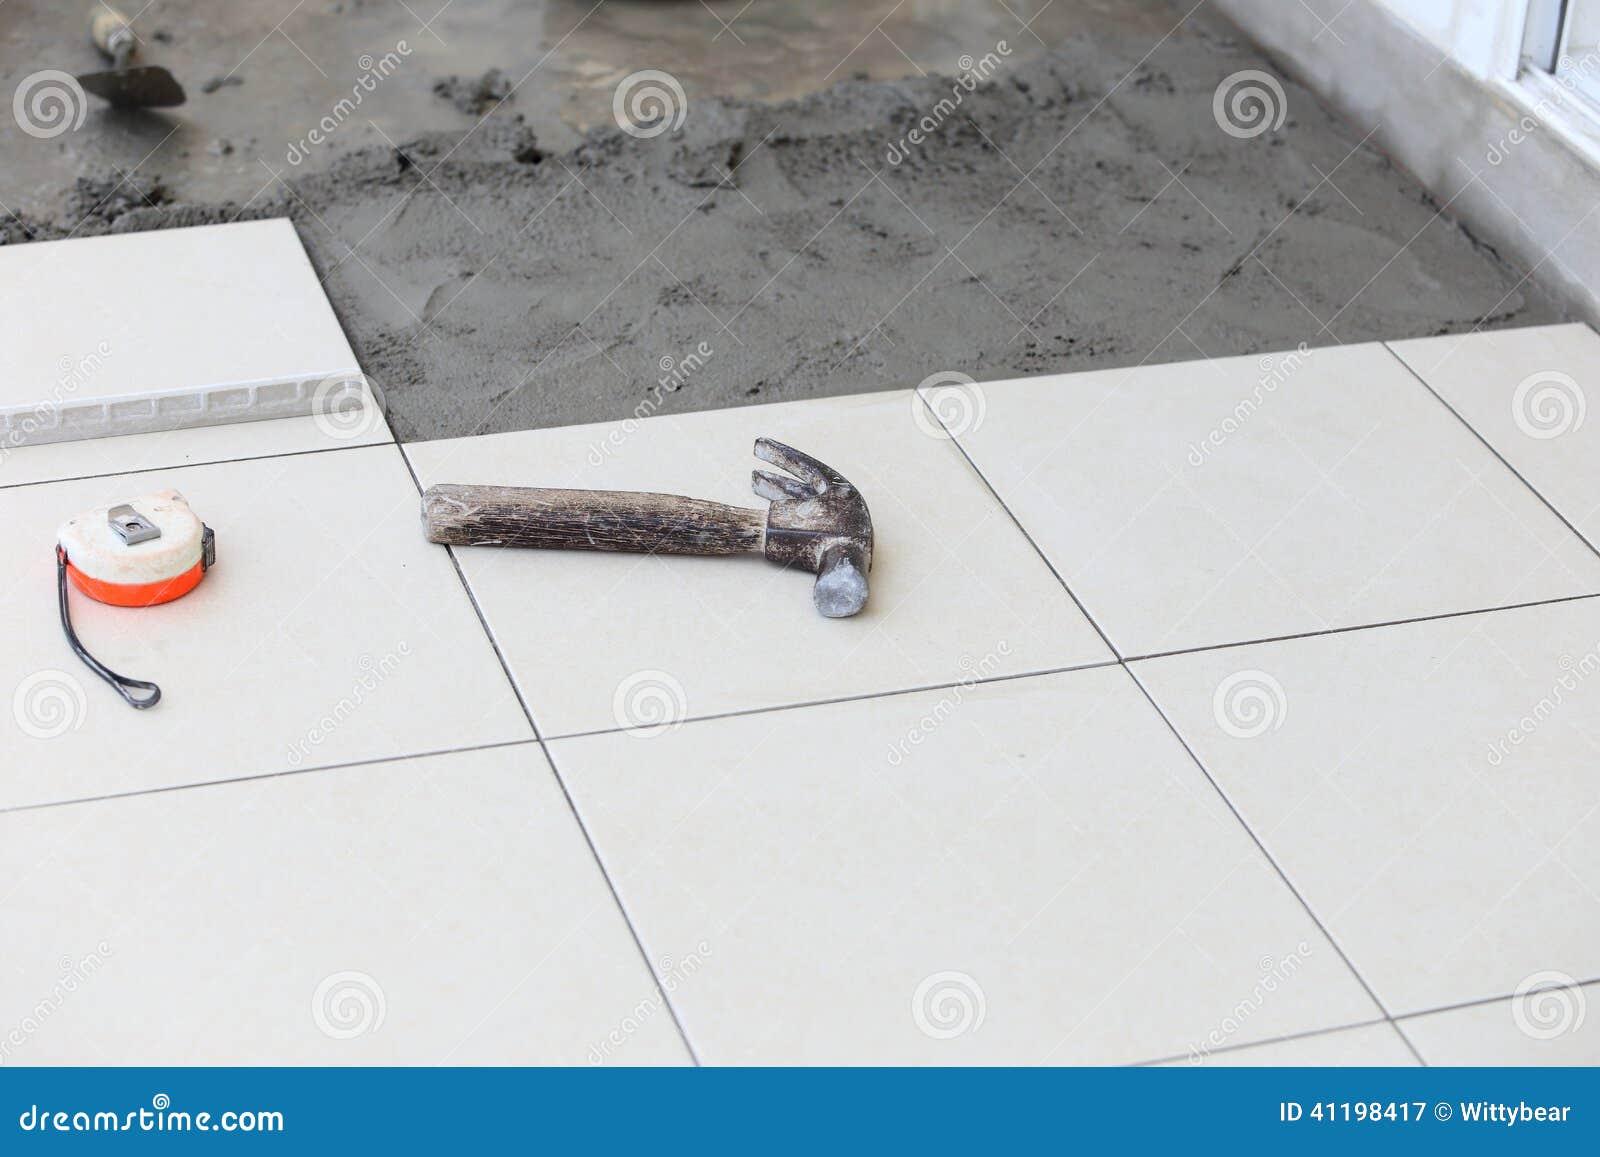 Установка плитки пола для жилищного строительства